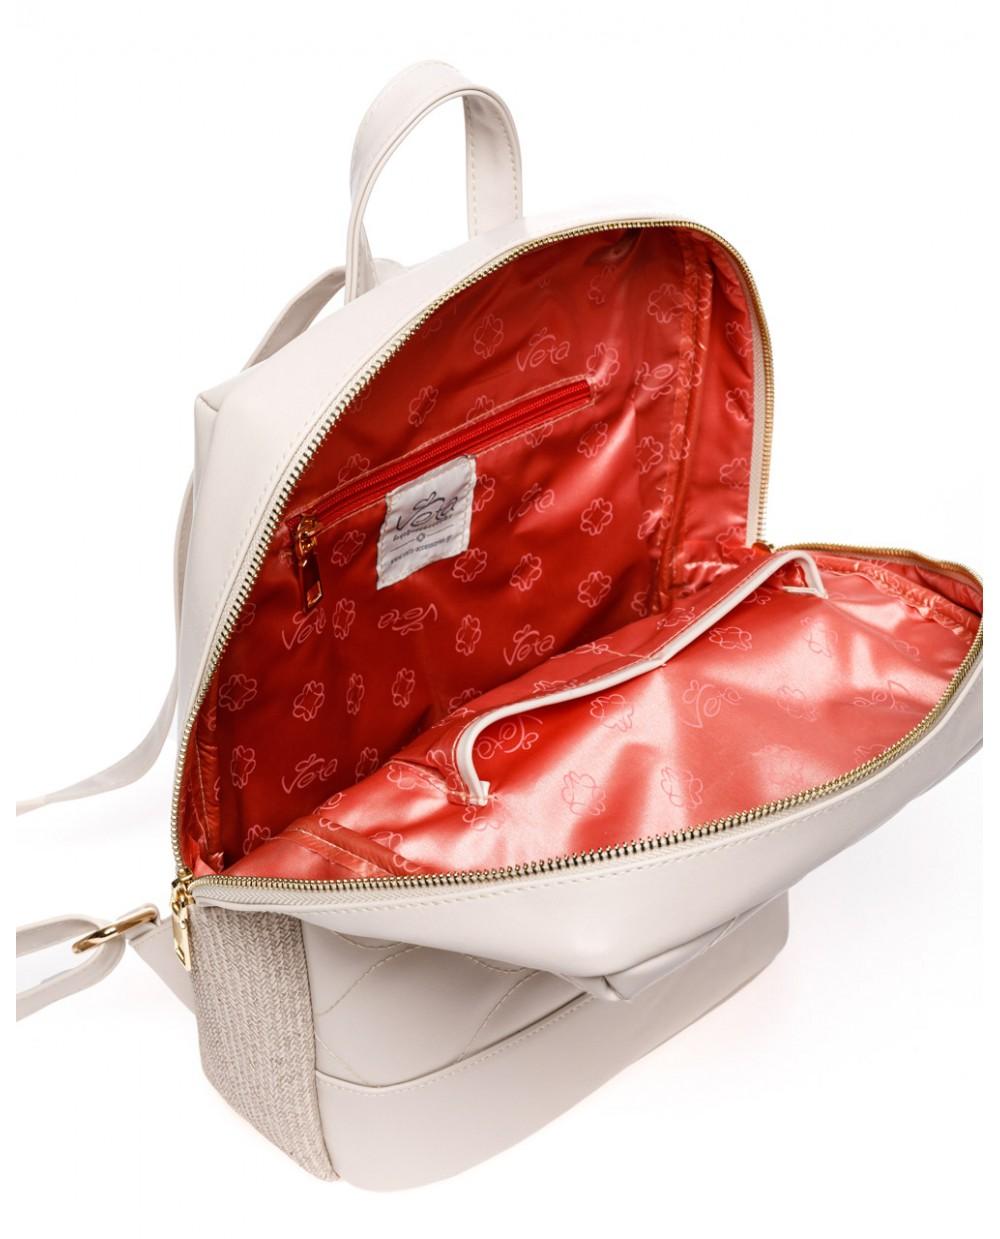 Γυναικείo σακίδιο πλάτης Veta 5126-3